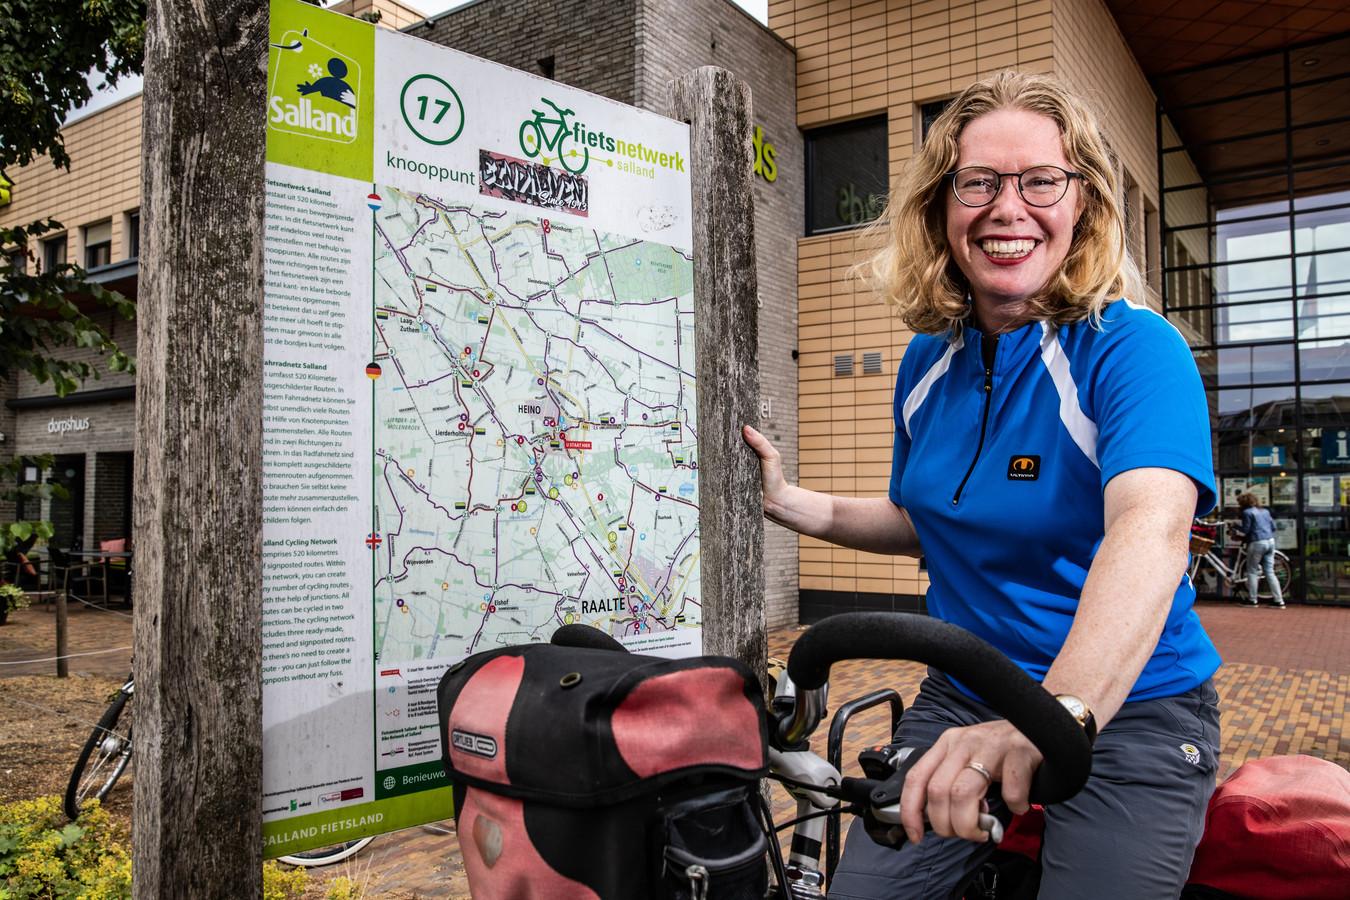 Monique van Klaveren bij het bord met fietsroutes in de buurt van het Dorpshuus in Heino. ,,Dat was maar aan één kant bestickerd, juist de kant die de meeste fietsers niet zagen als ze kwamen aangereden.''